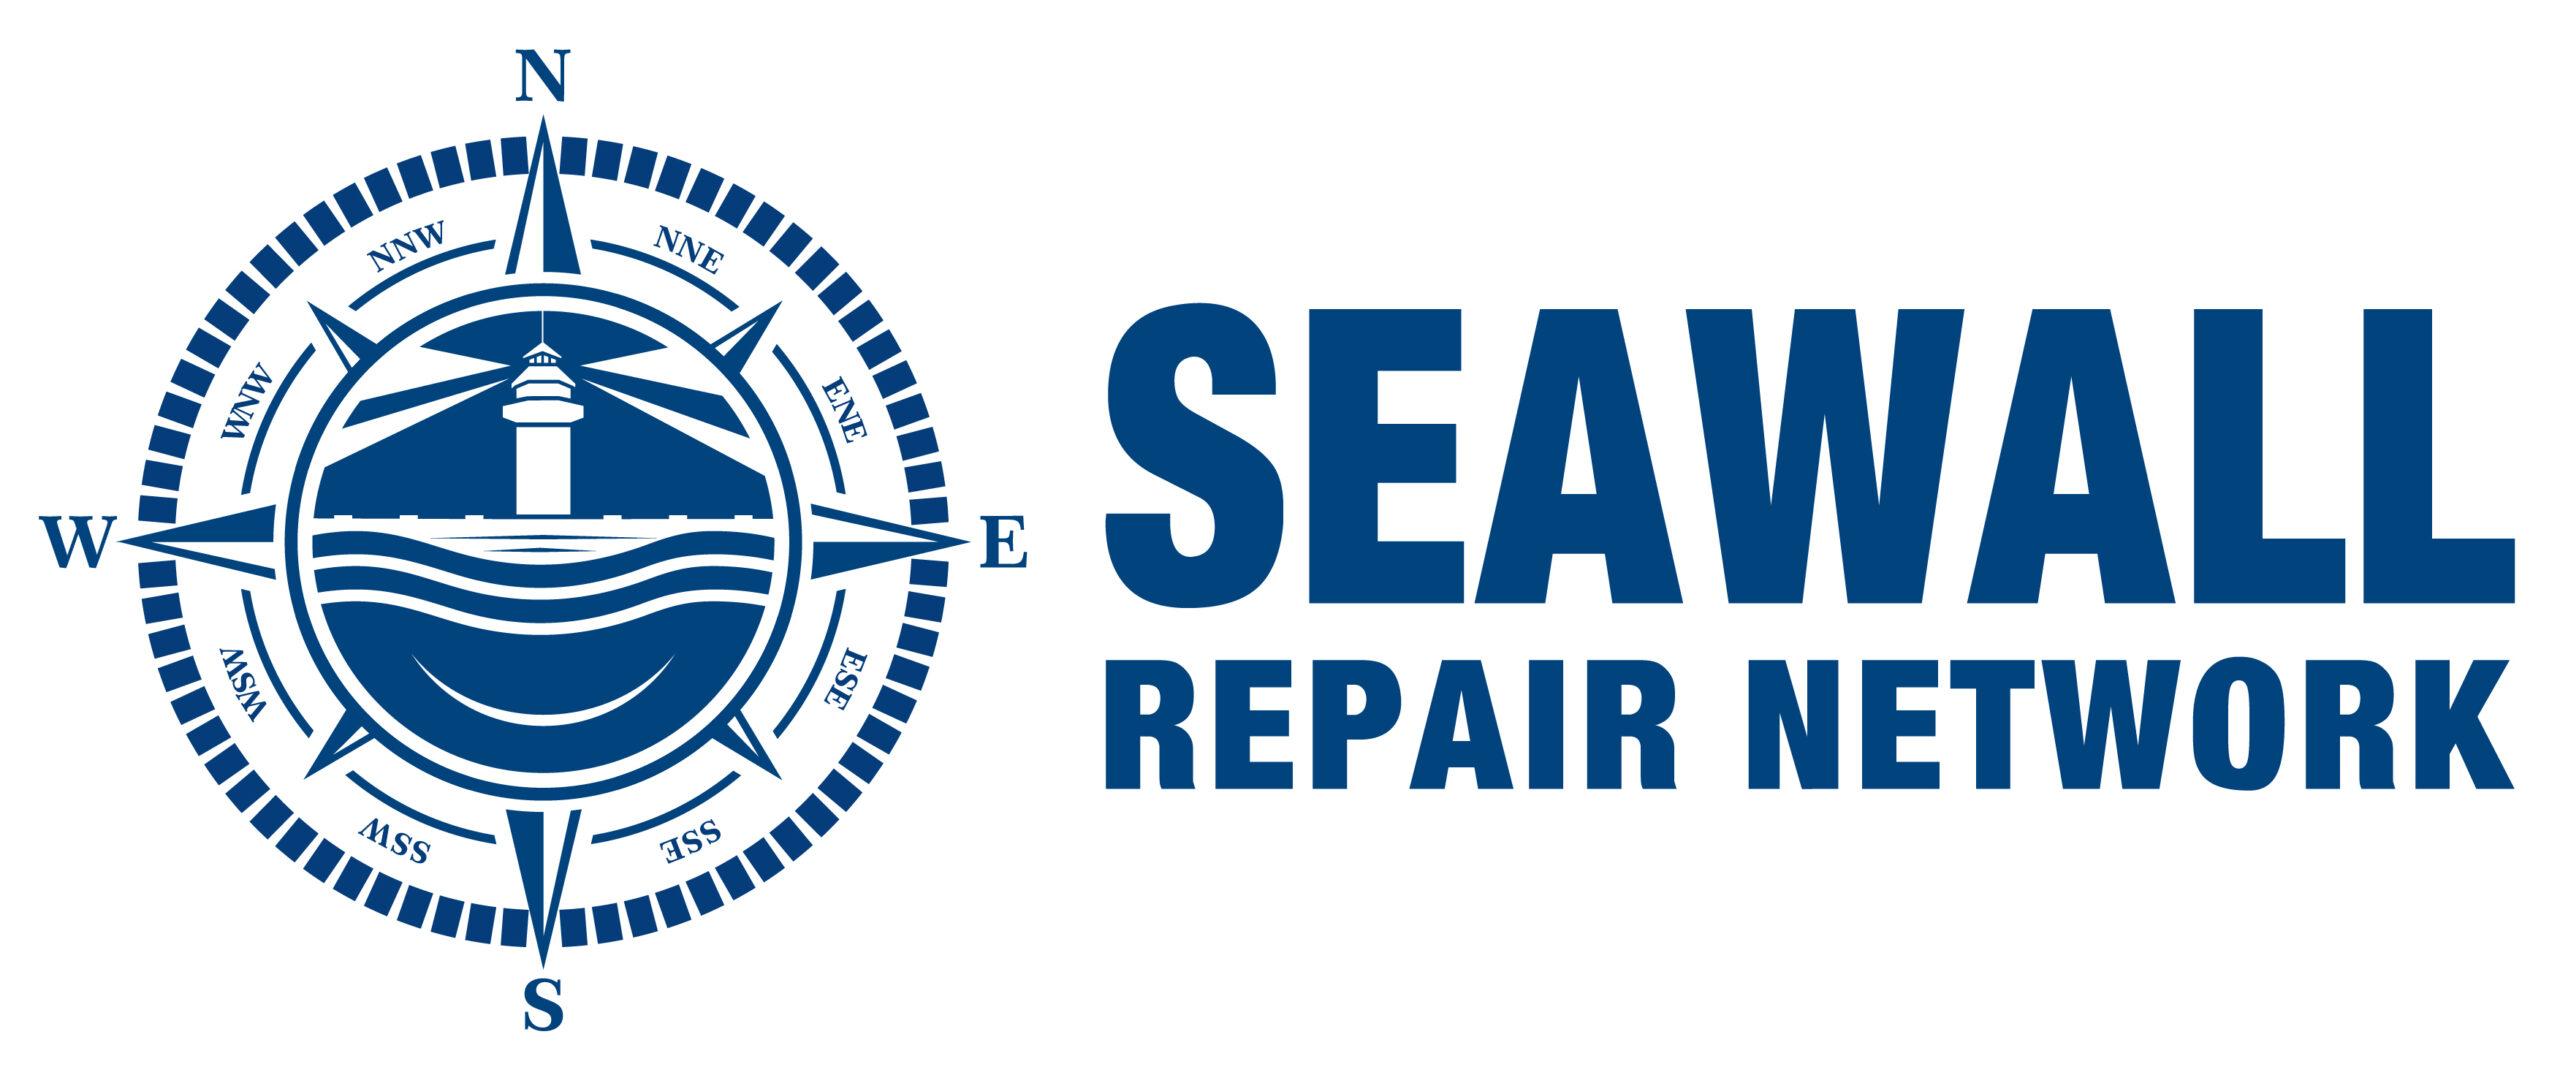 Seawall Repair Network